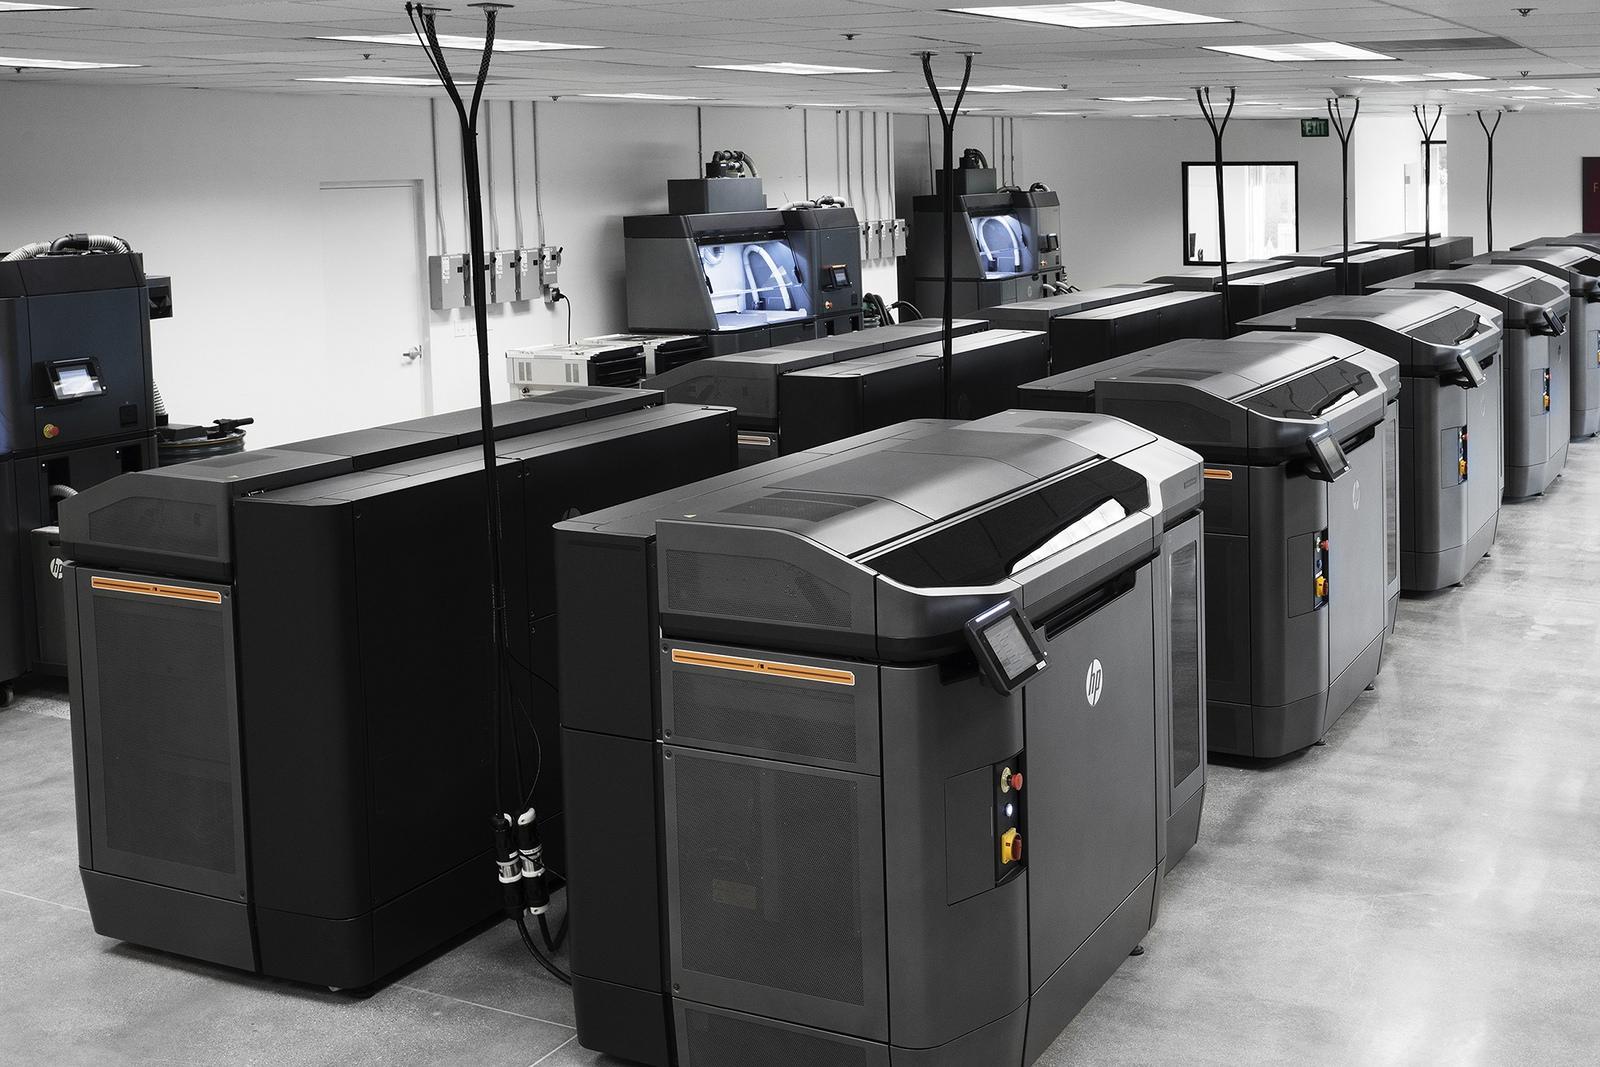 HP Jet fusion 3d 4210 3d drucker 3d printer - HP stellt Jet Fusion 3D 4210 3D-Drucker vor und erweitert Materialportfolio